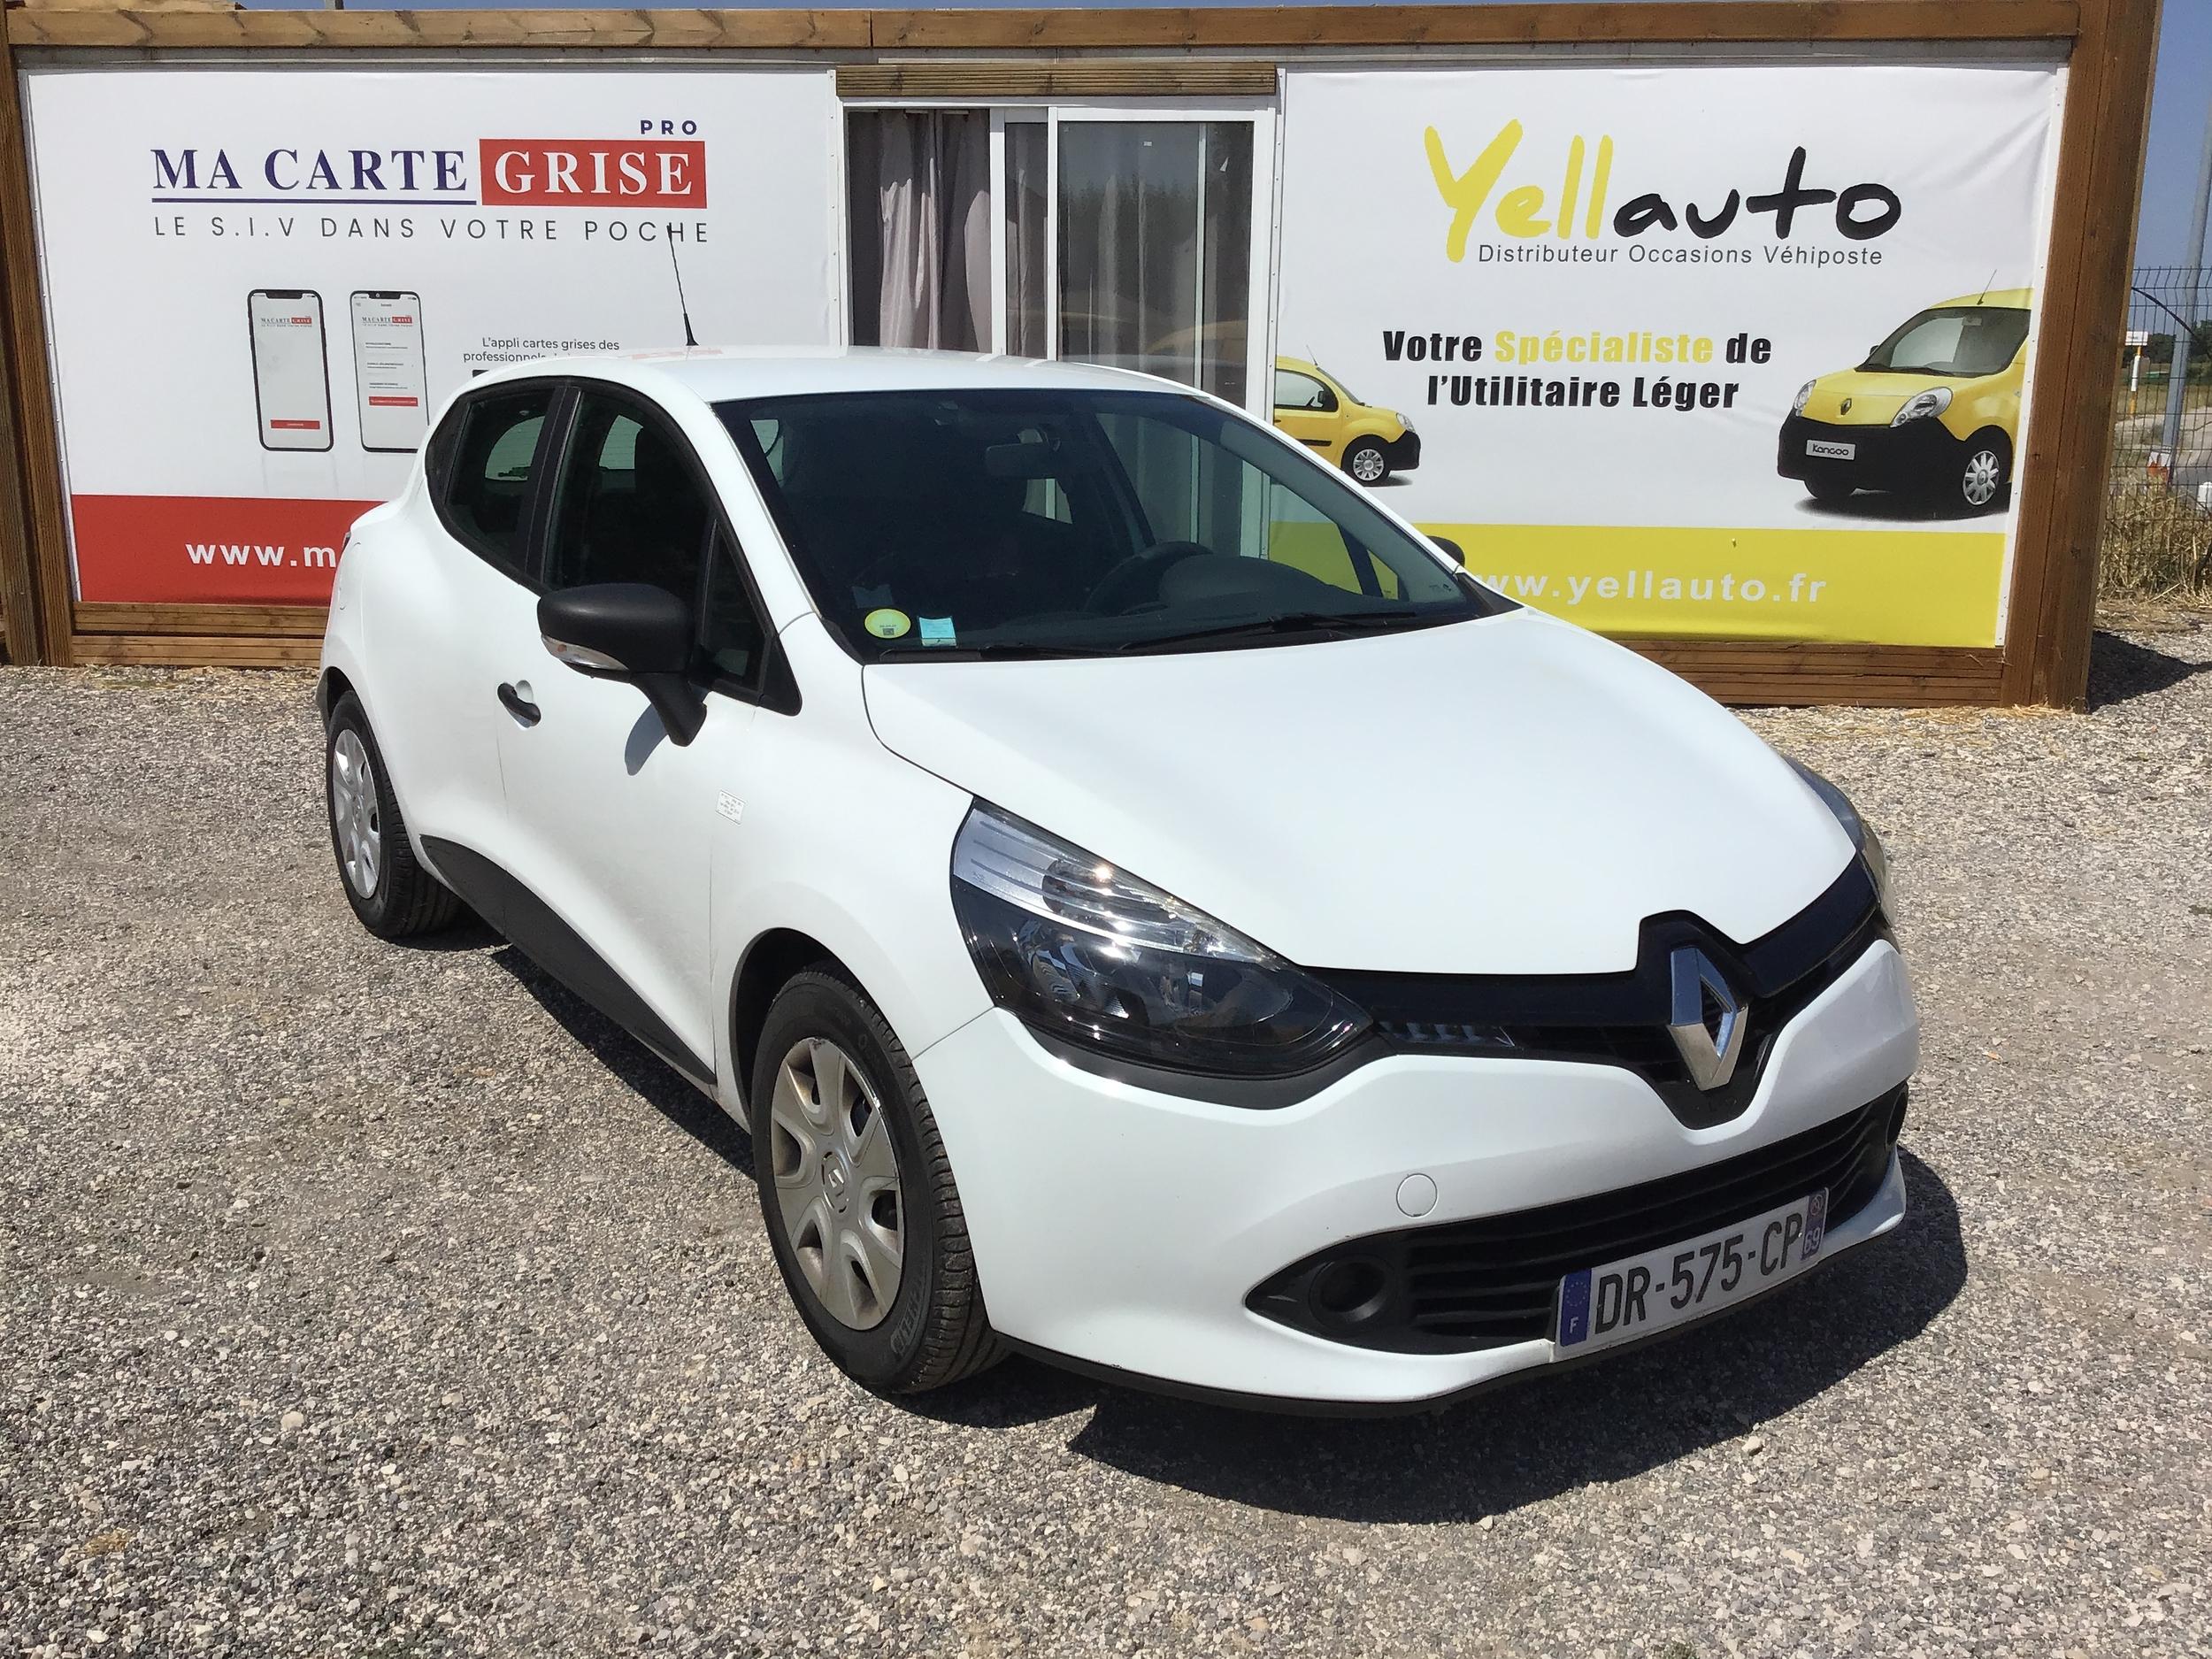 Renault Clio 4 société 1.5 dci 75cv de 2015 avec 109 000km